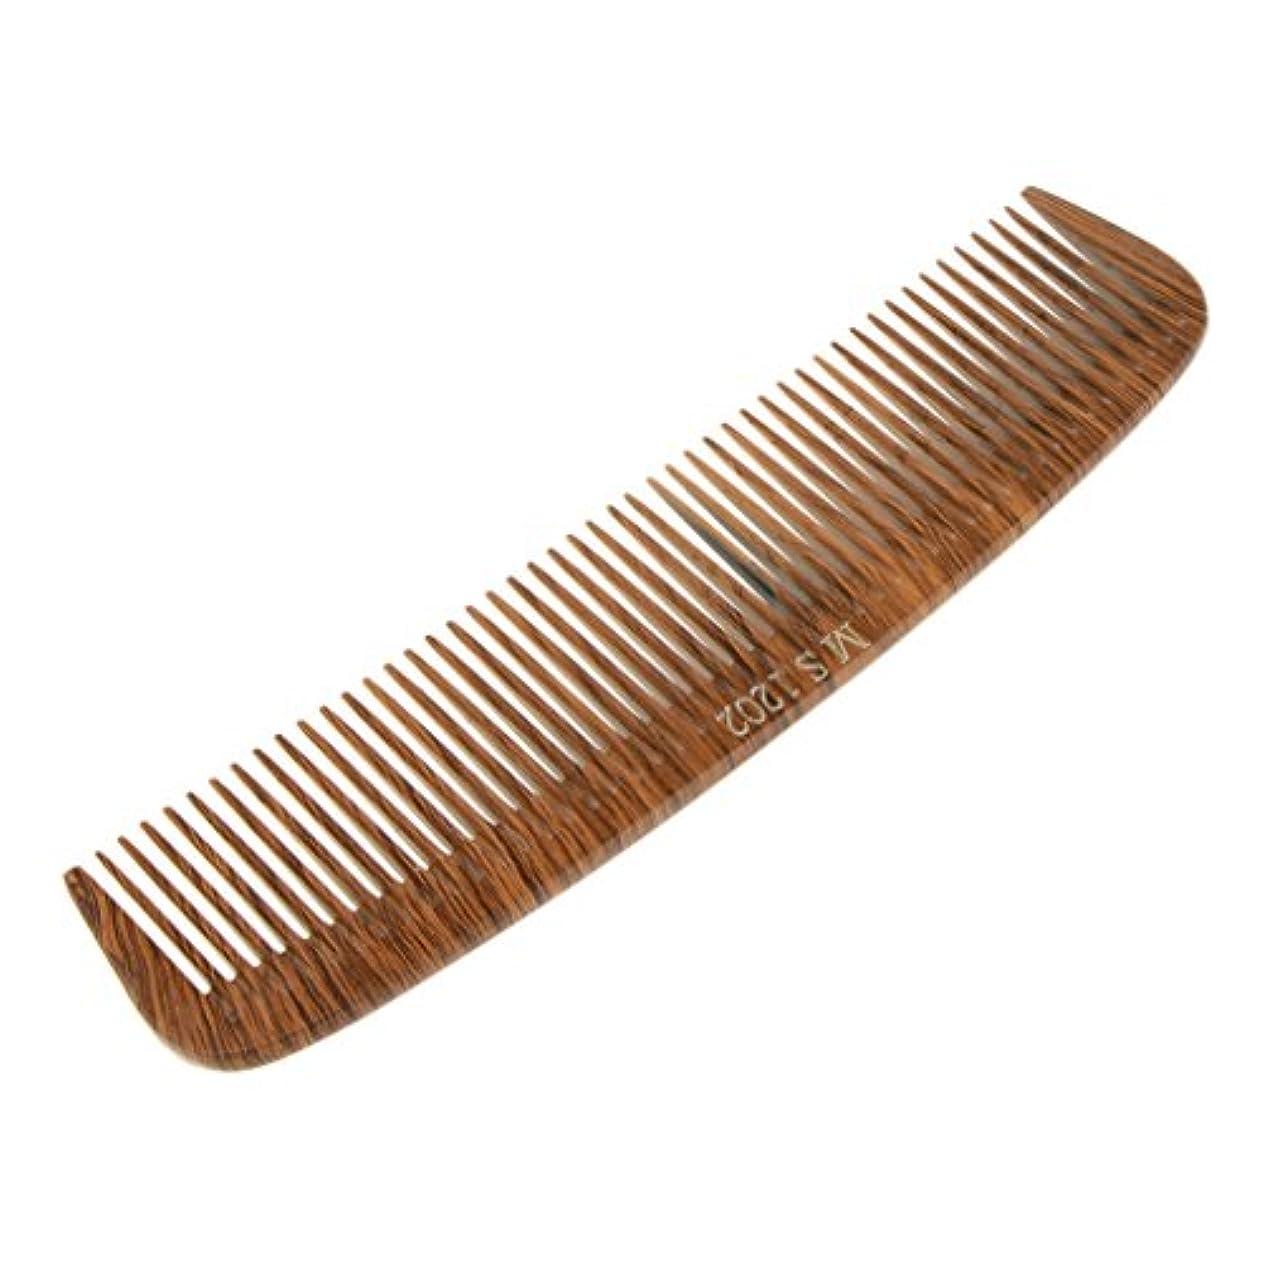 ふざけた物理肺炎プロの木製のくし理髪ブラシ散髪ヘアサロンスタイリング理髪くし - 1202